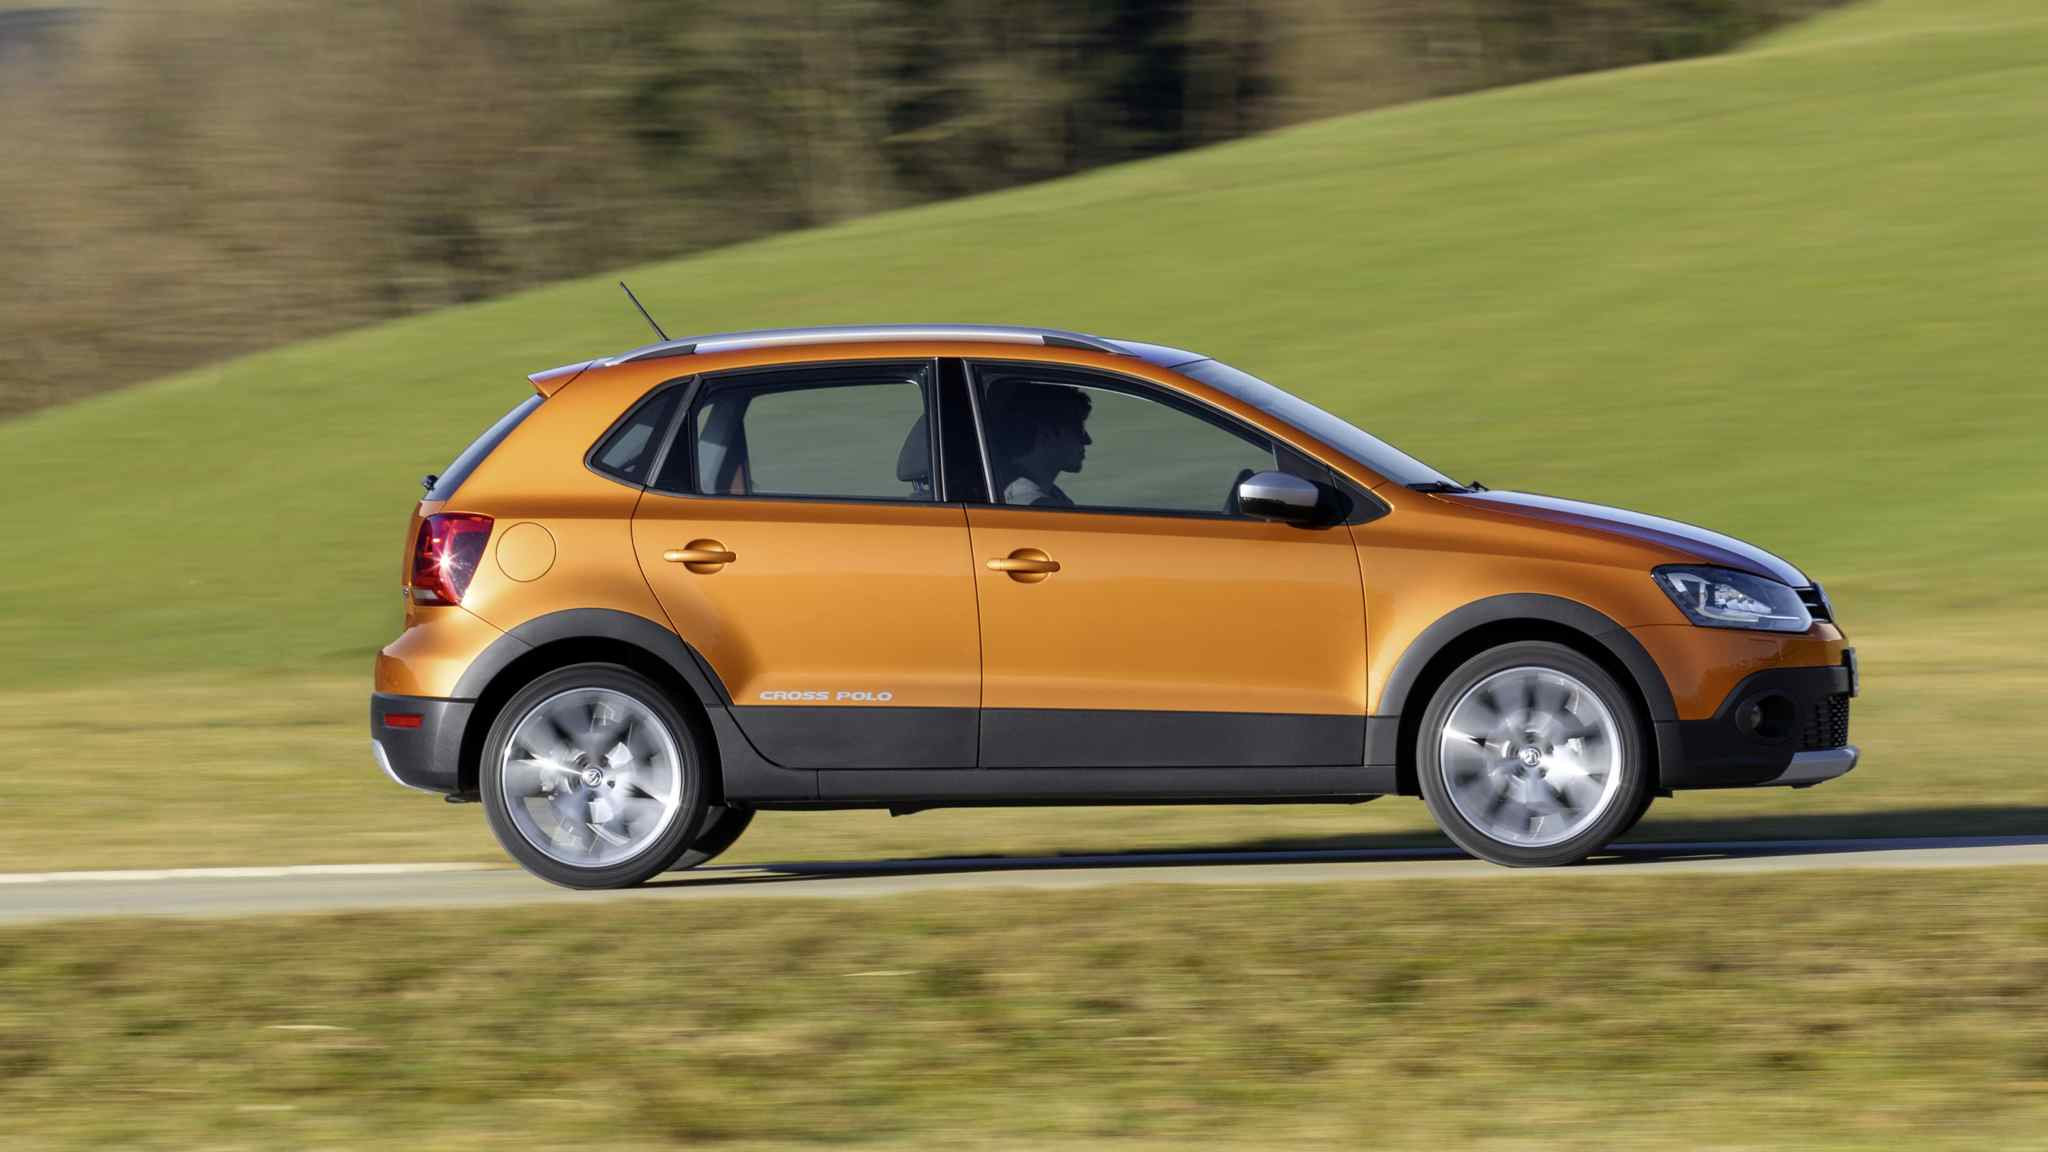 Unterhaltskosten: Der günstiste VW CrossPolo